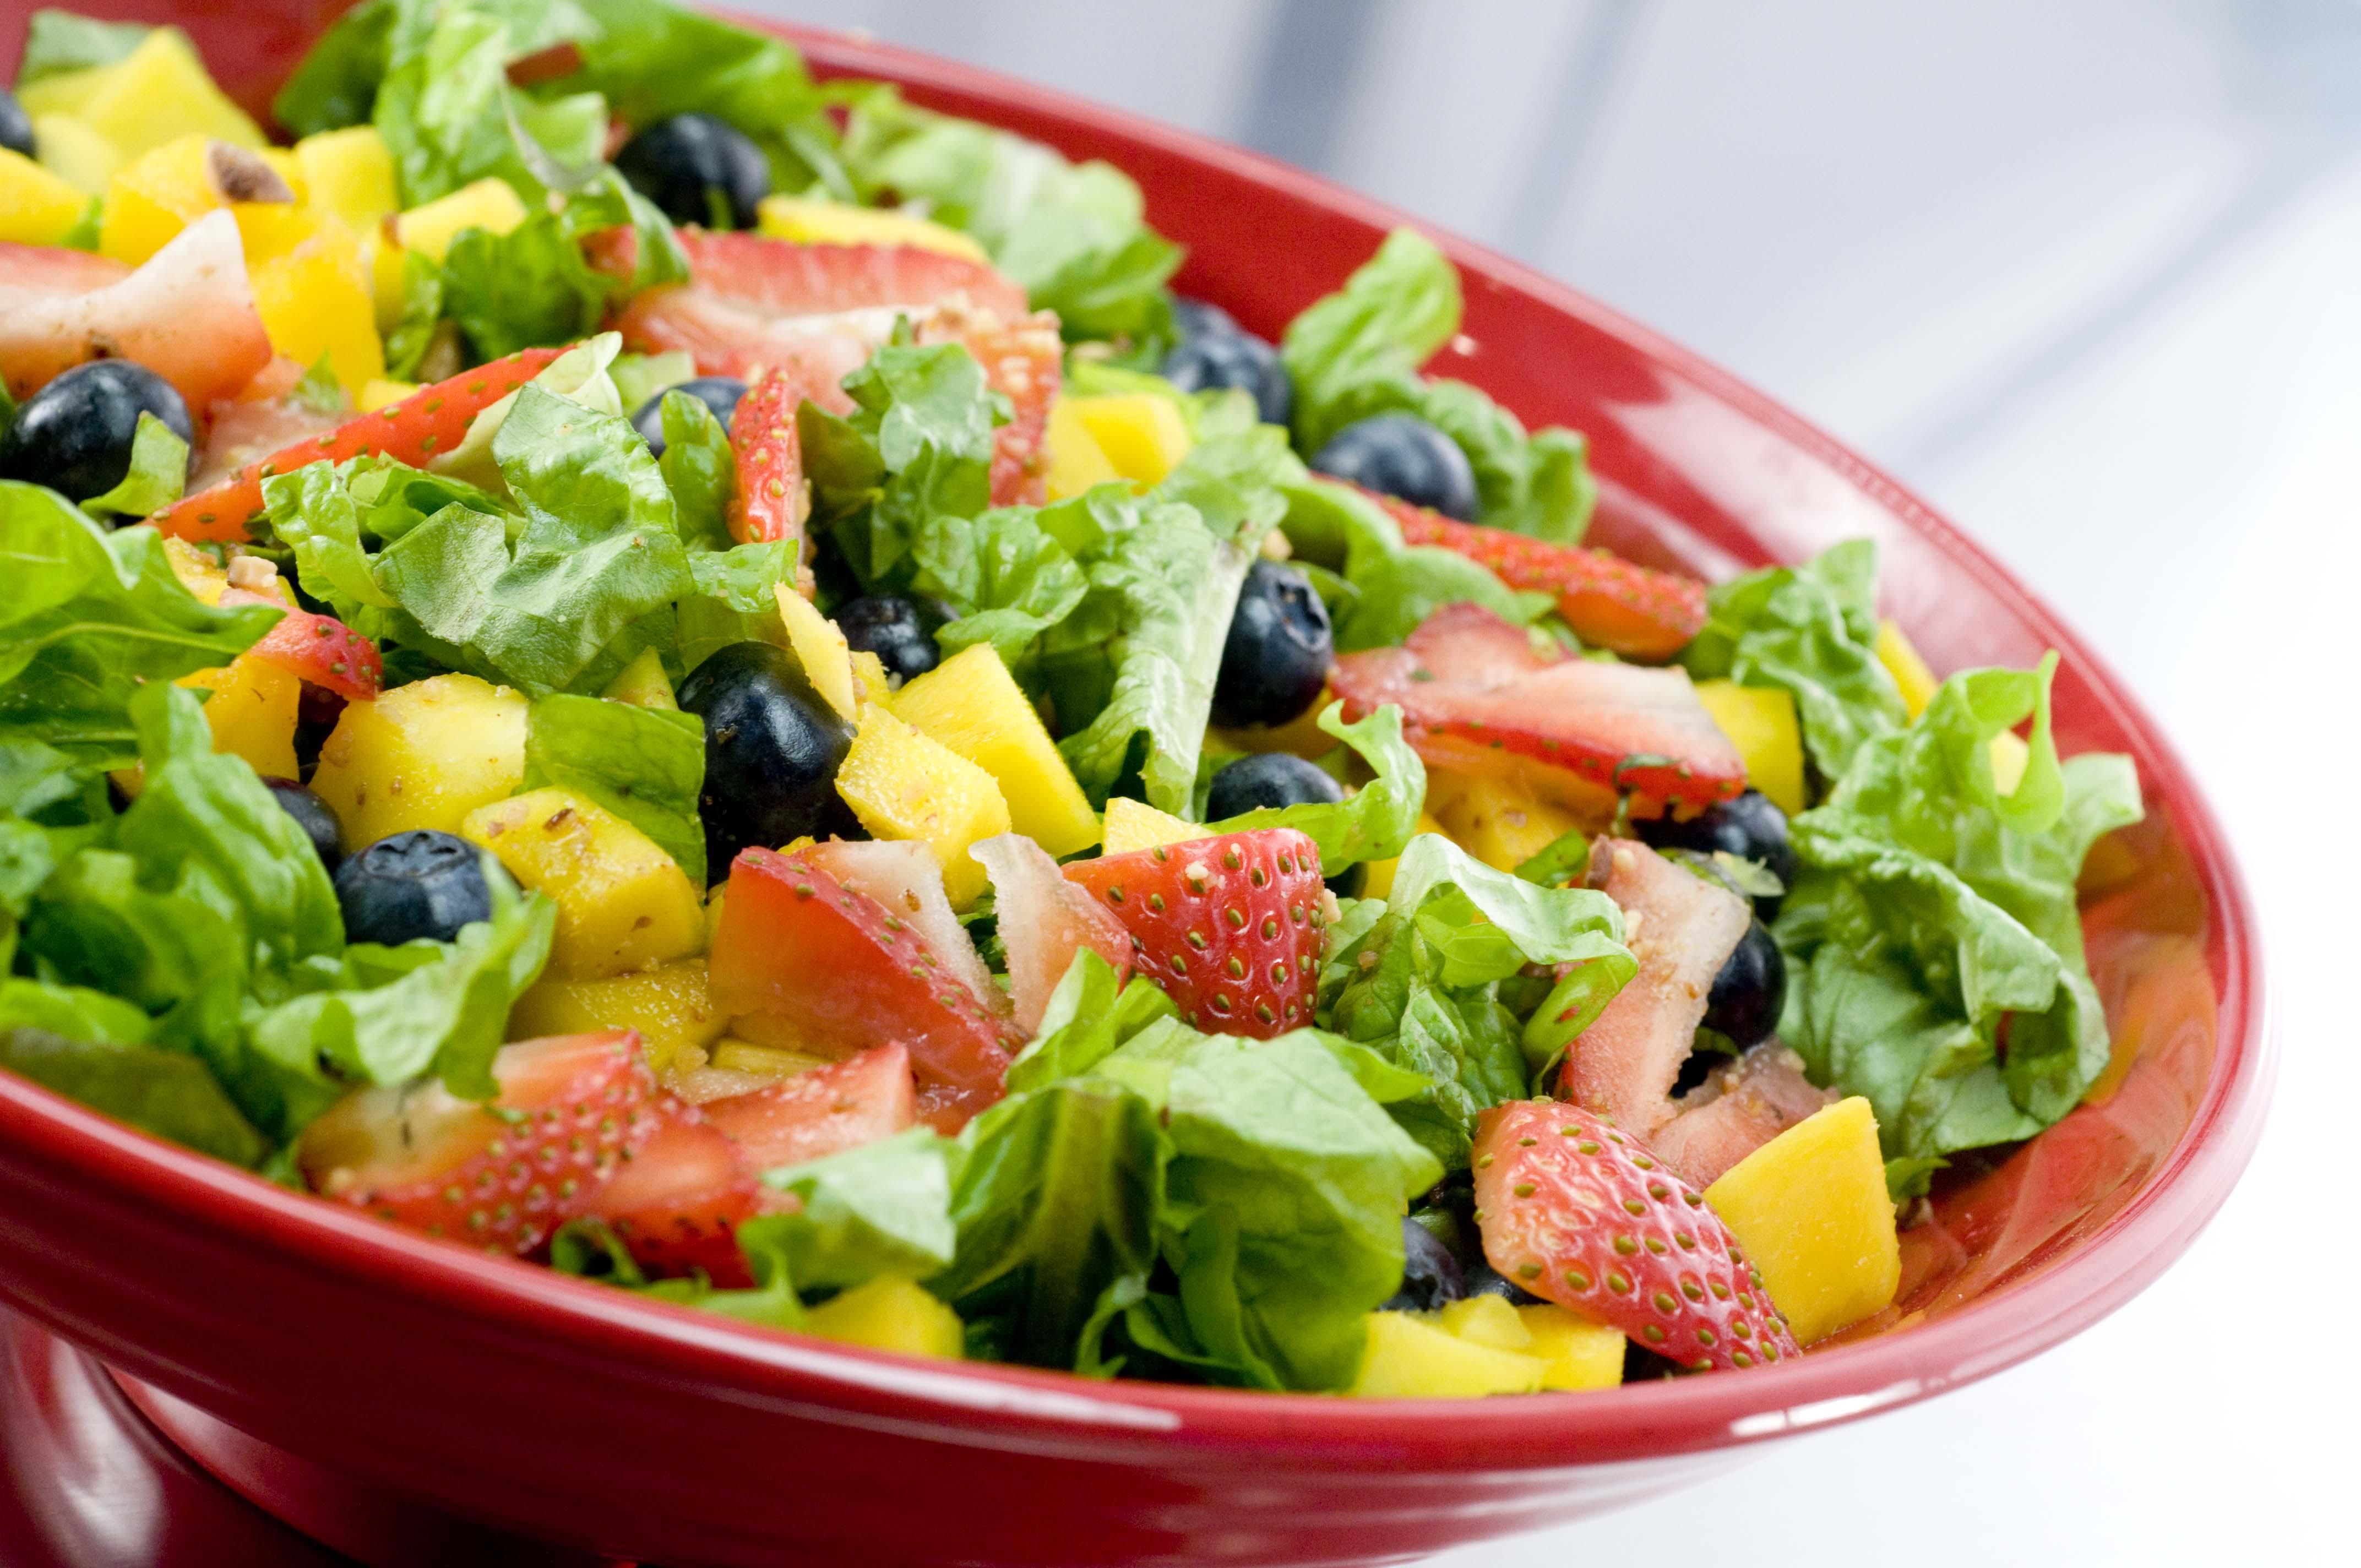 La dieta anti caldo per combattere l'afa e mantenersi in forma